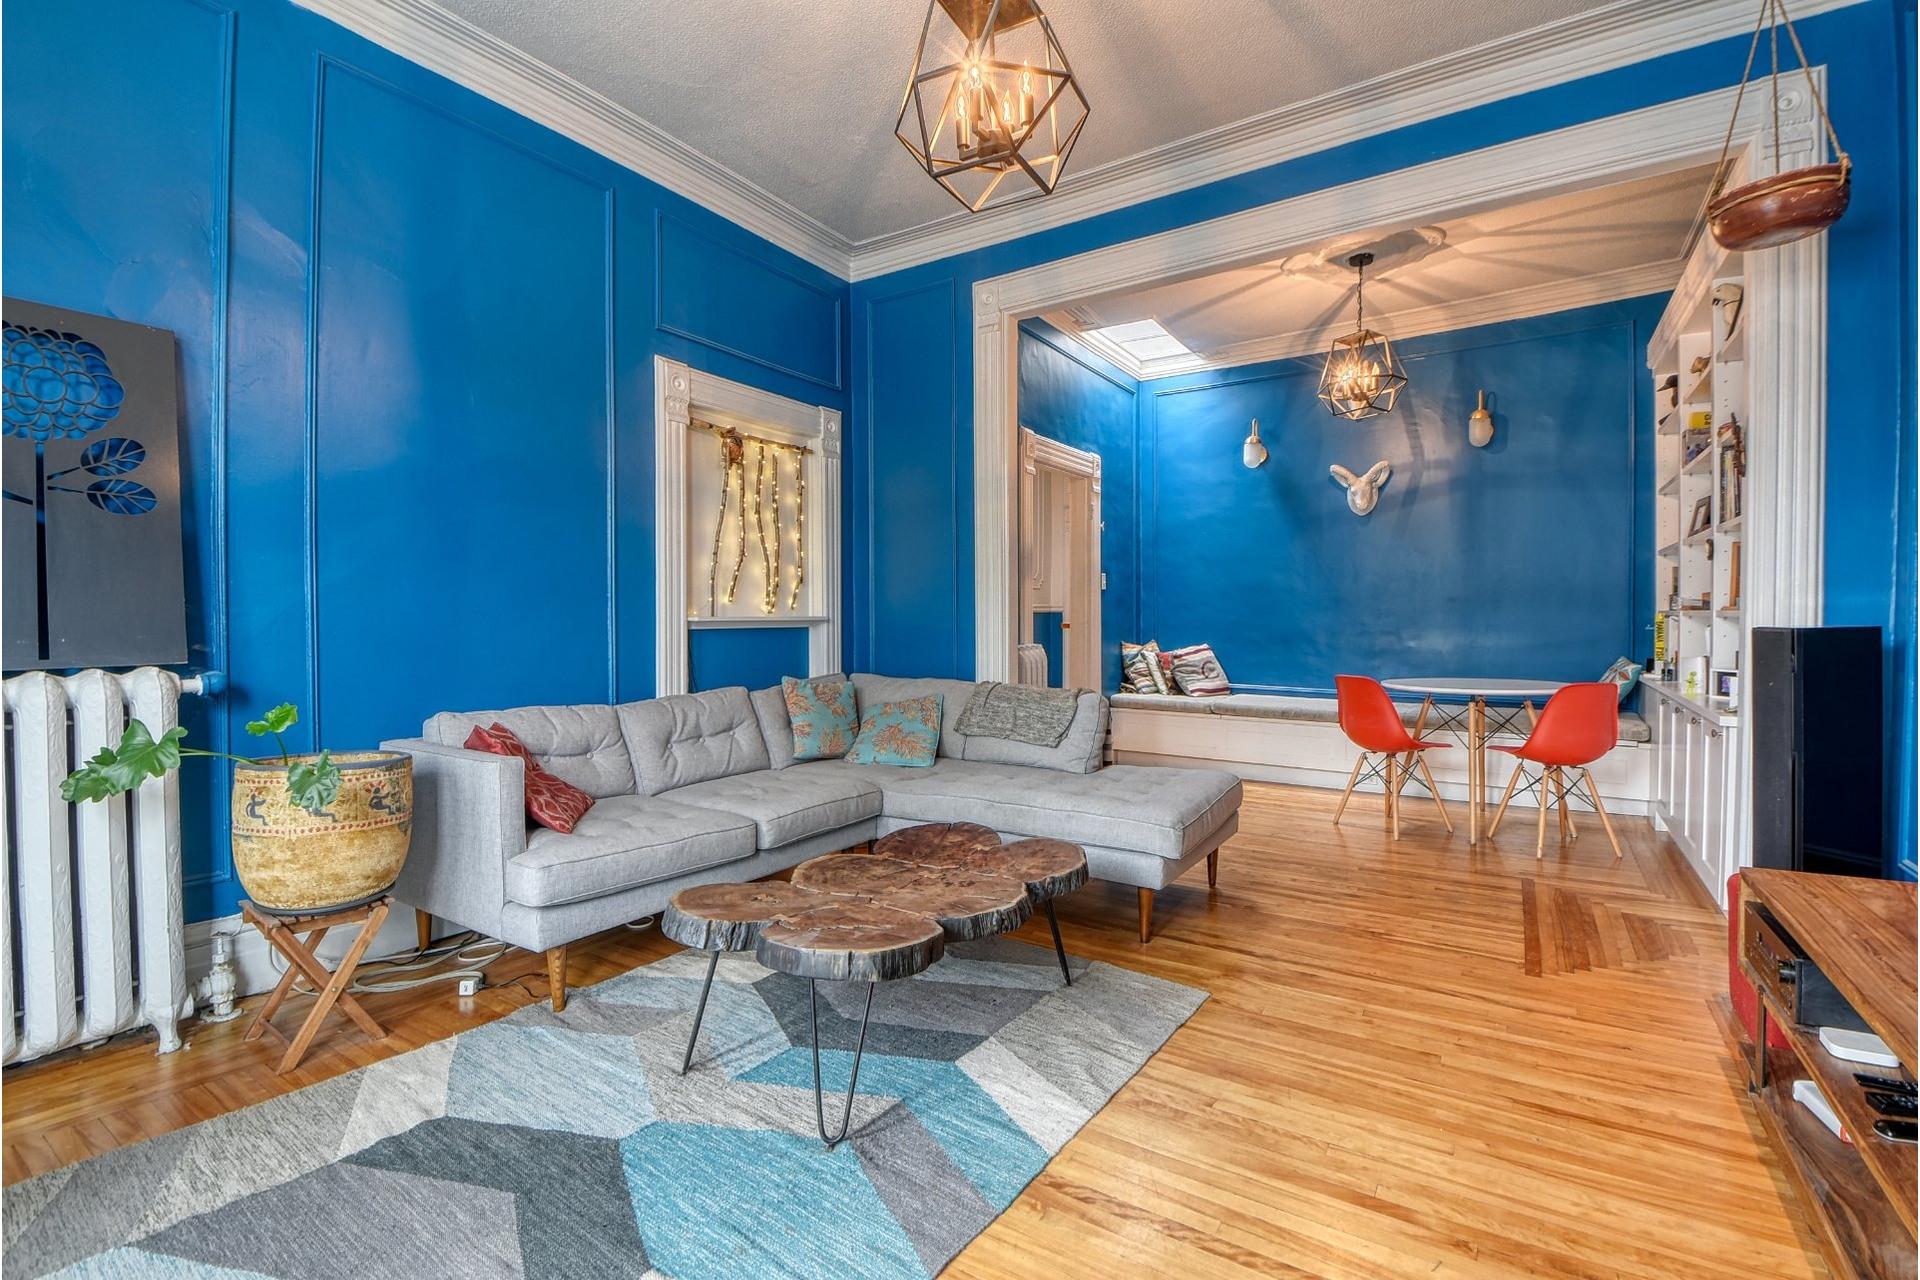 image 3 - Appartement À louer Le Plateau-Mont-Royal Montréal  - 8 pièces